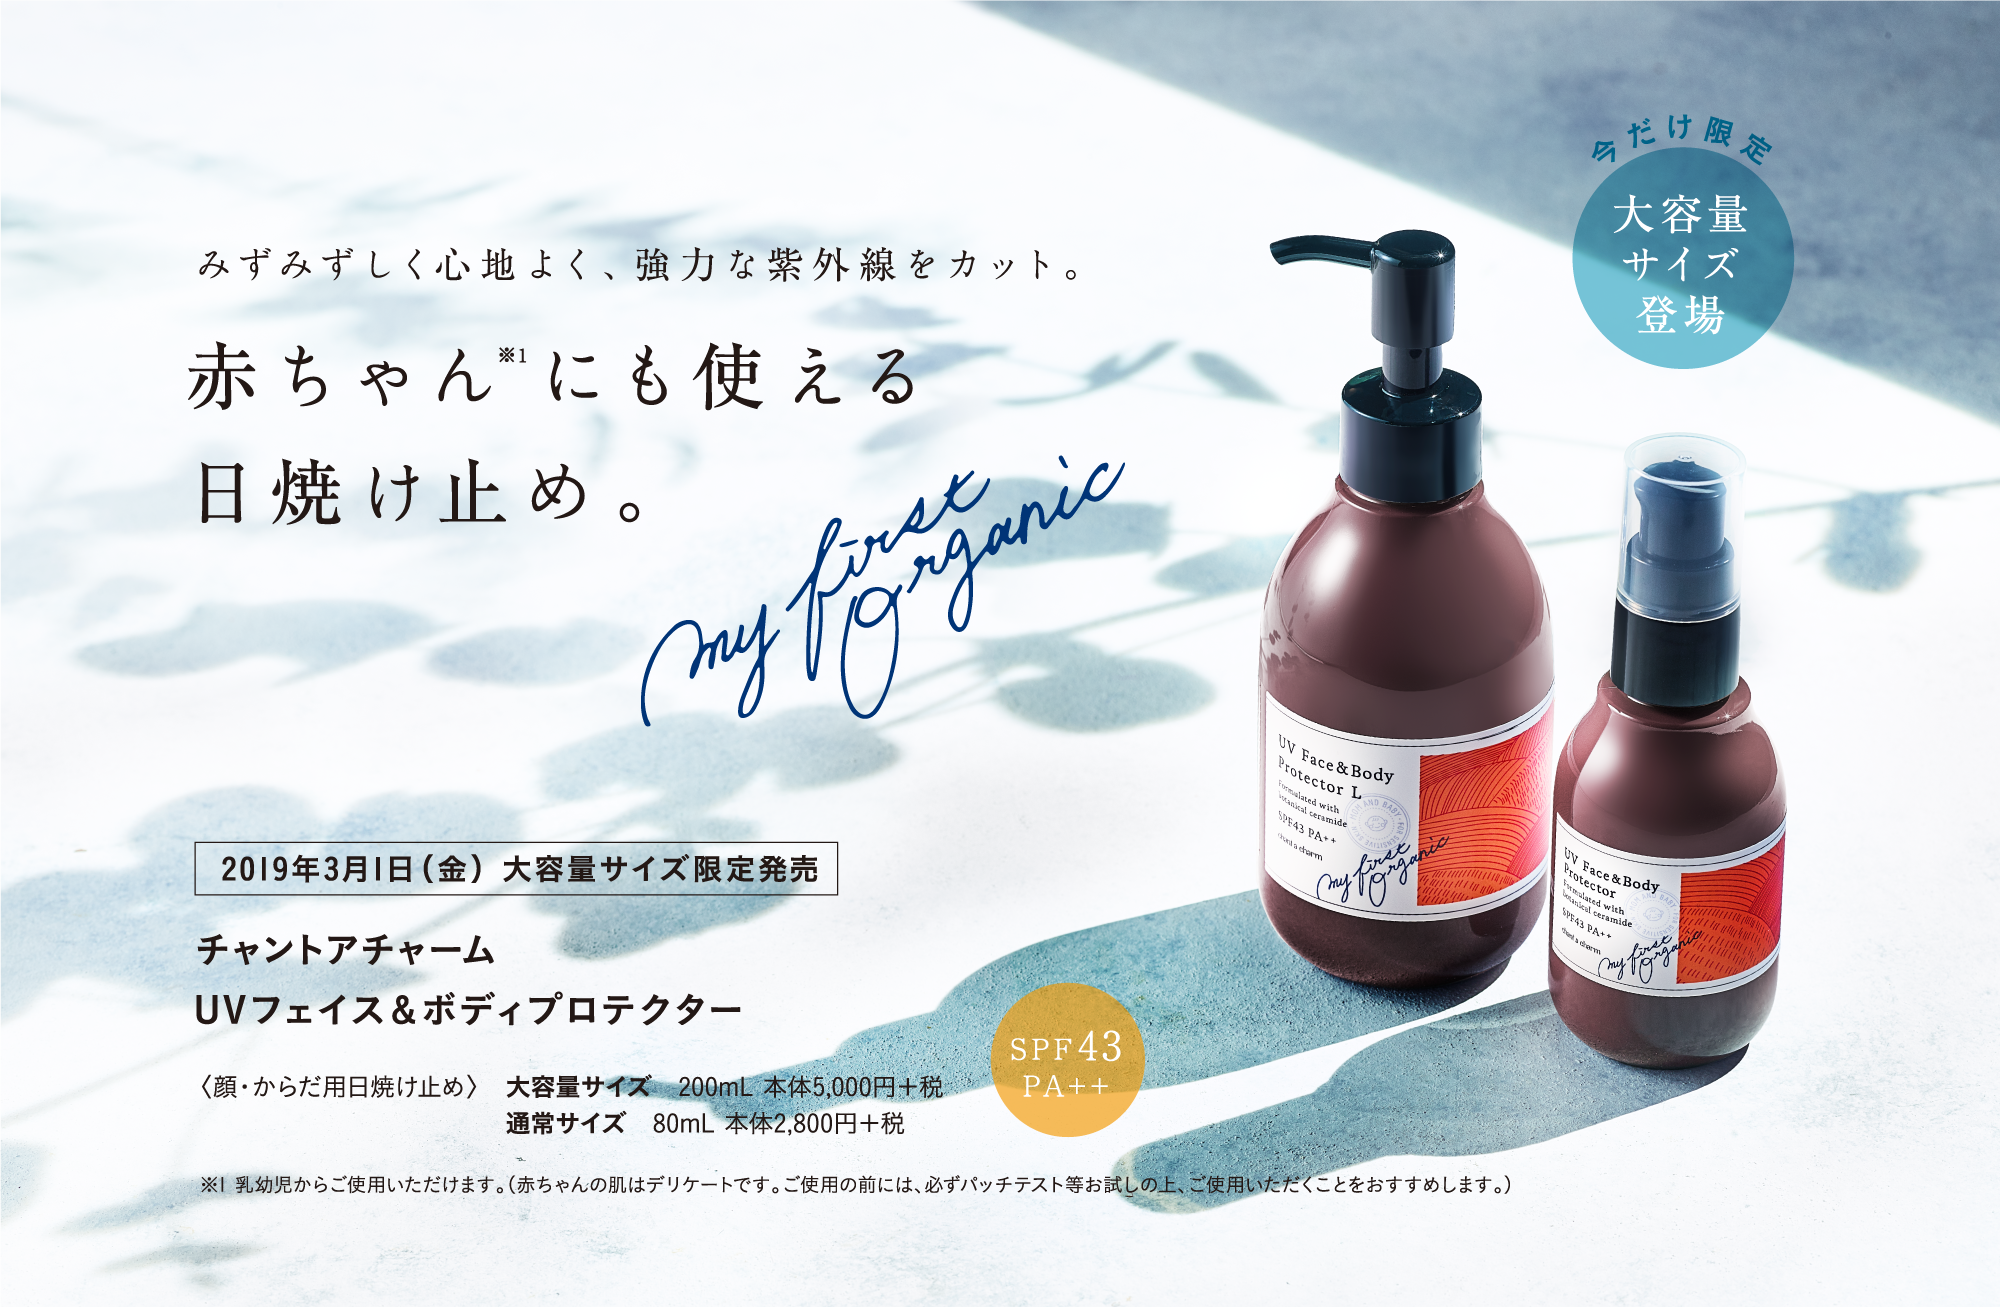 【チャントアチャーム】UVフェイス&ボディプロテクター L  3/1(金)大容量サイズ限定発売!